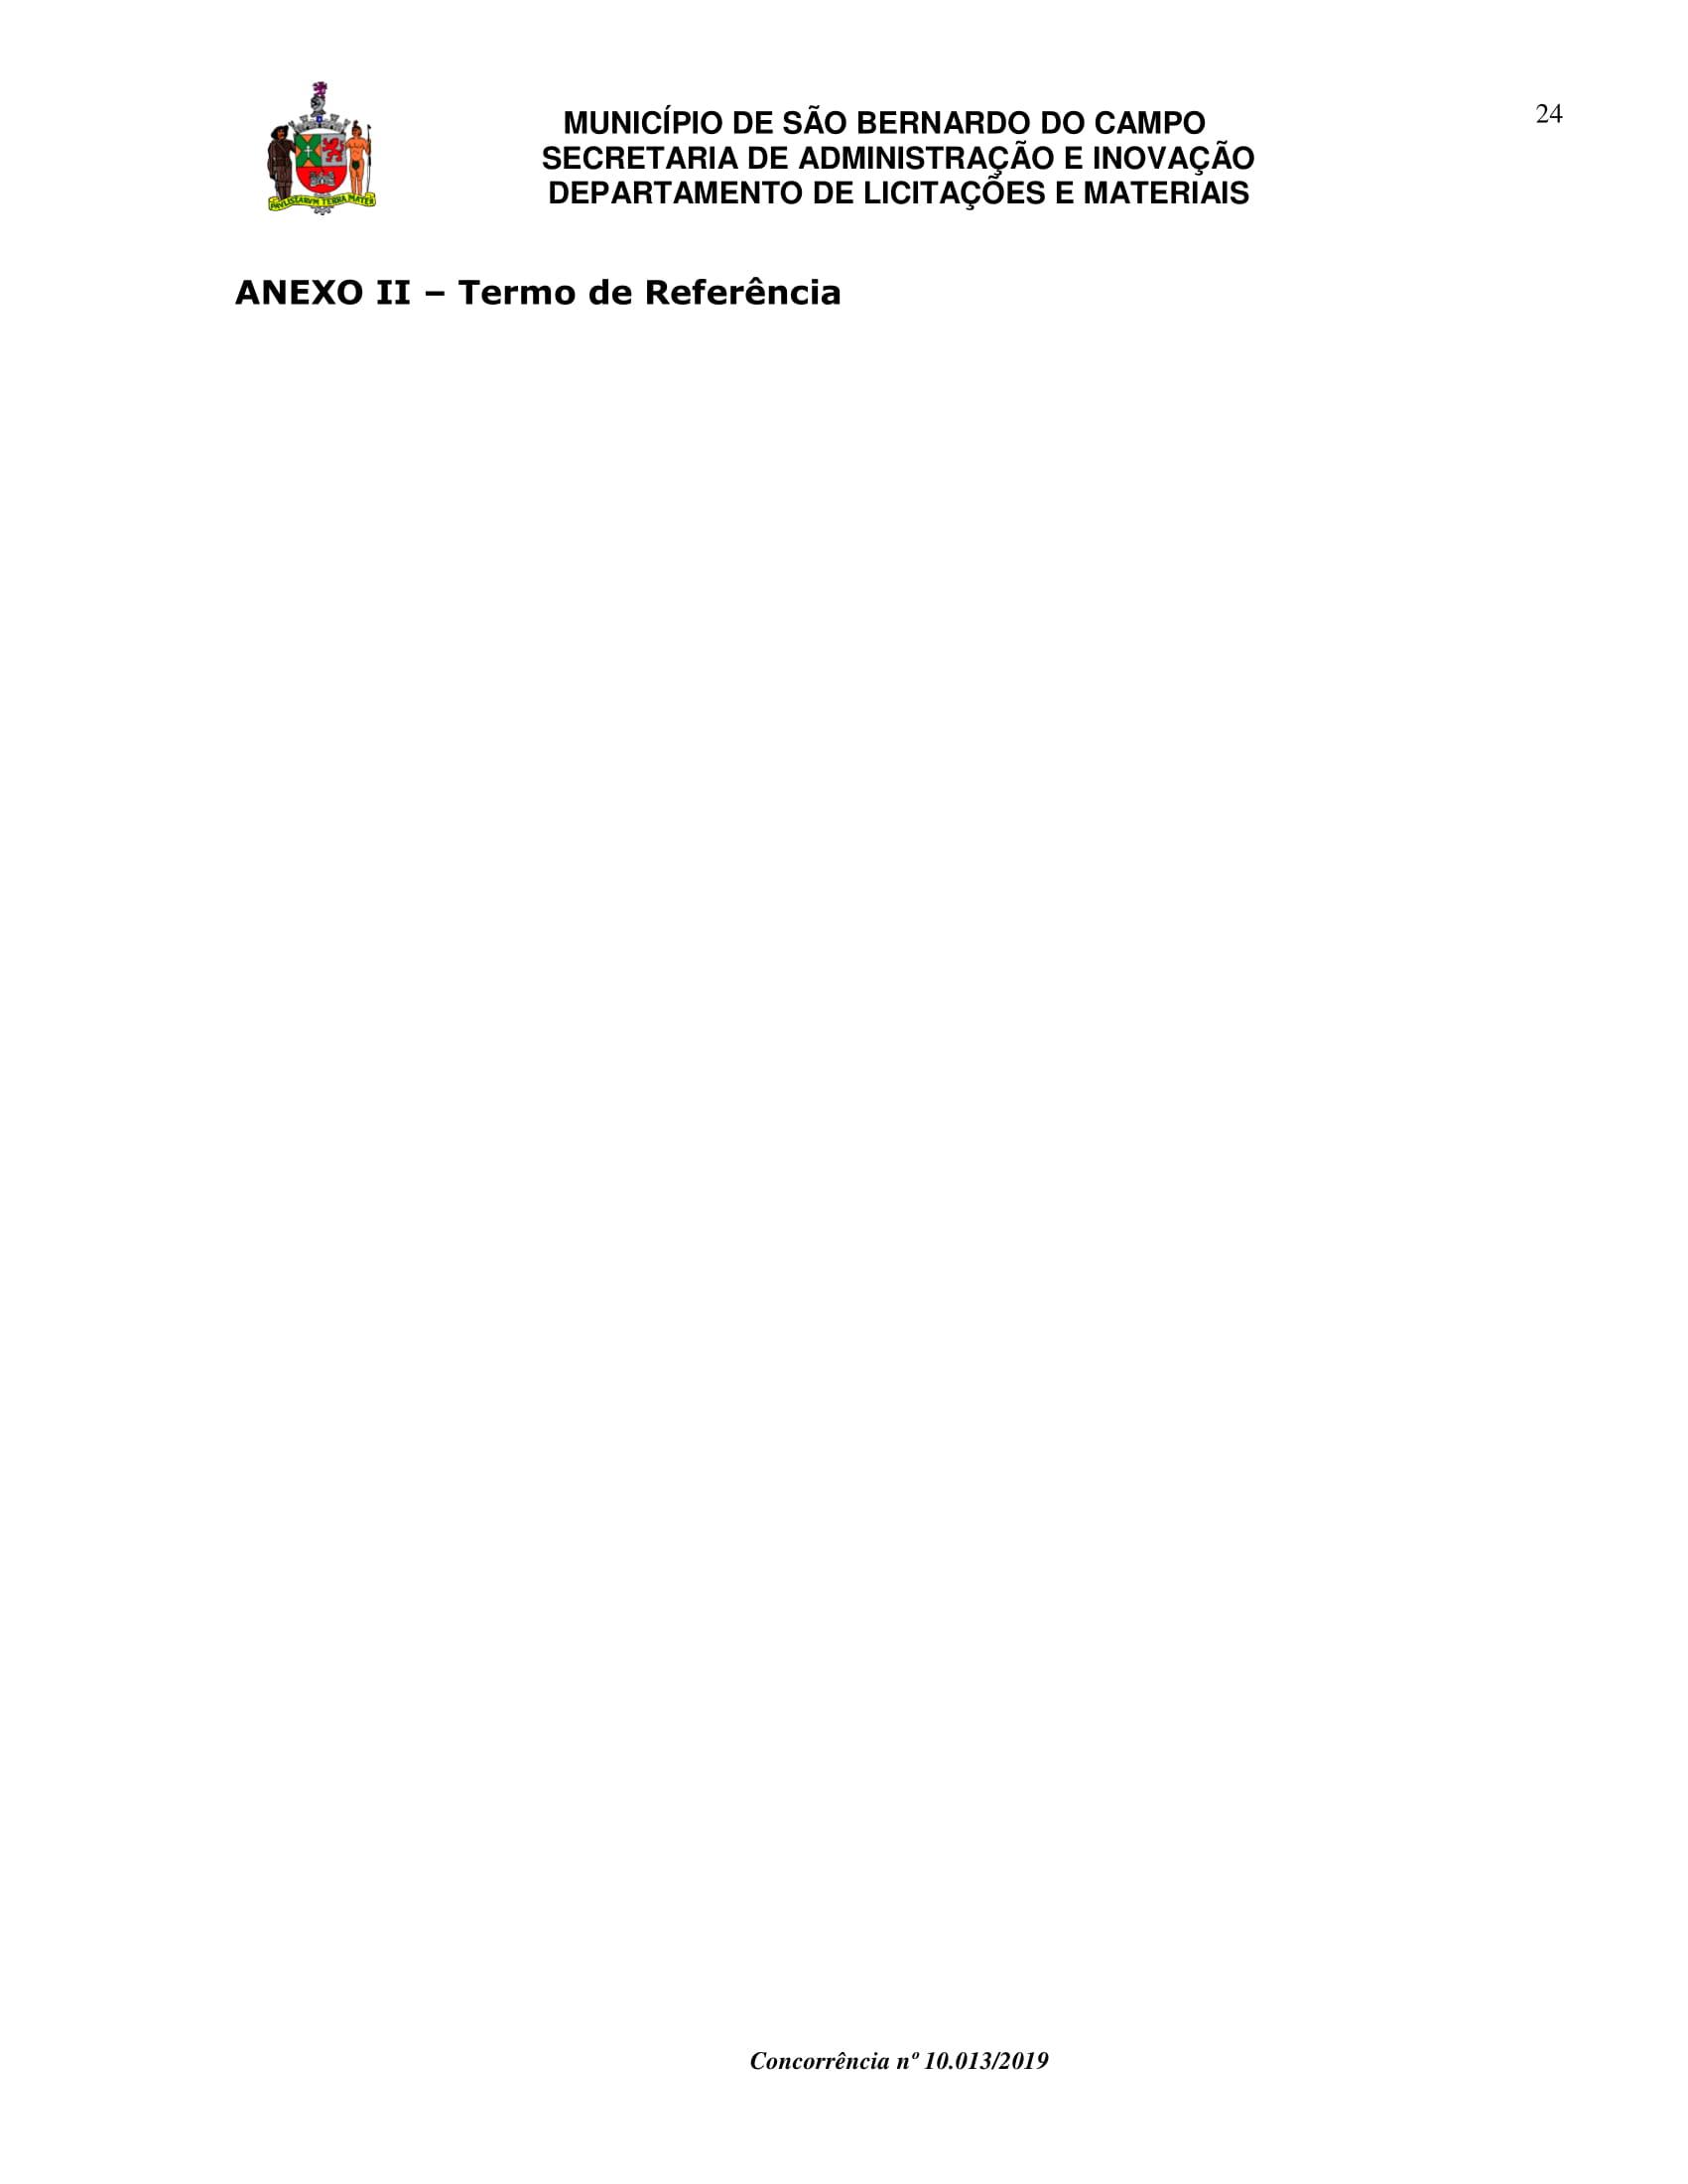 CP.10.013-19 edital-24